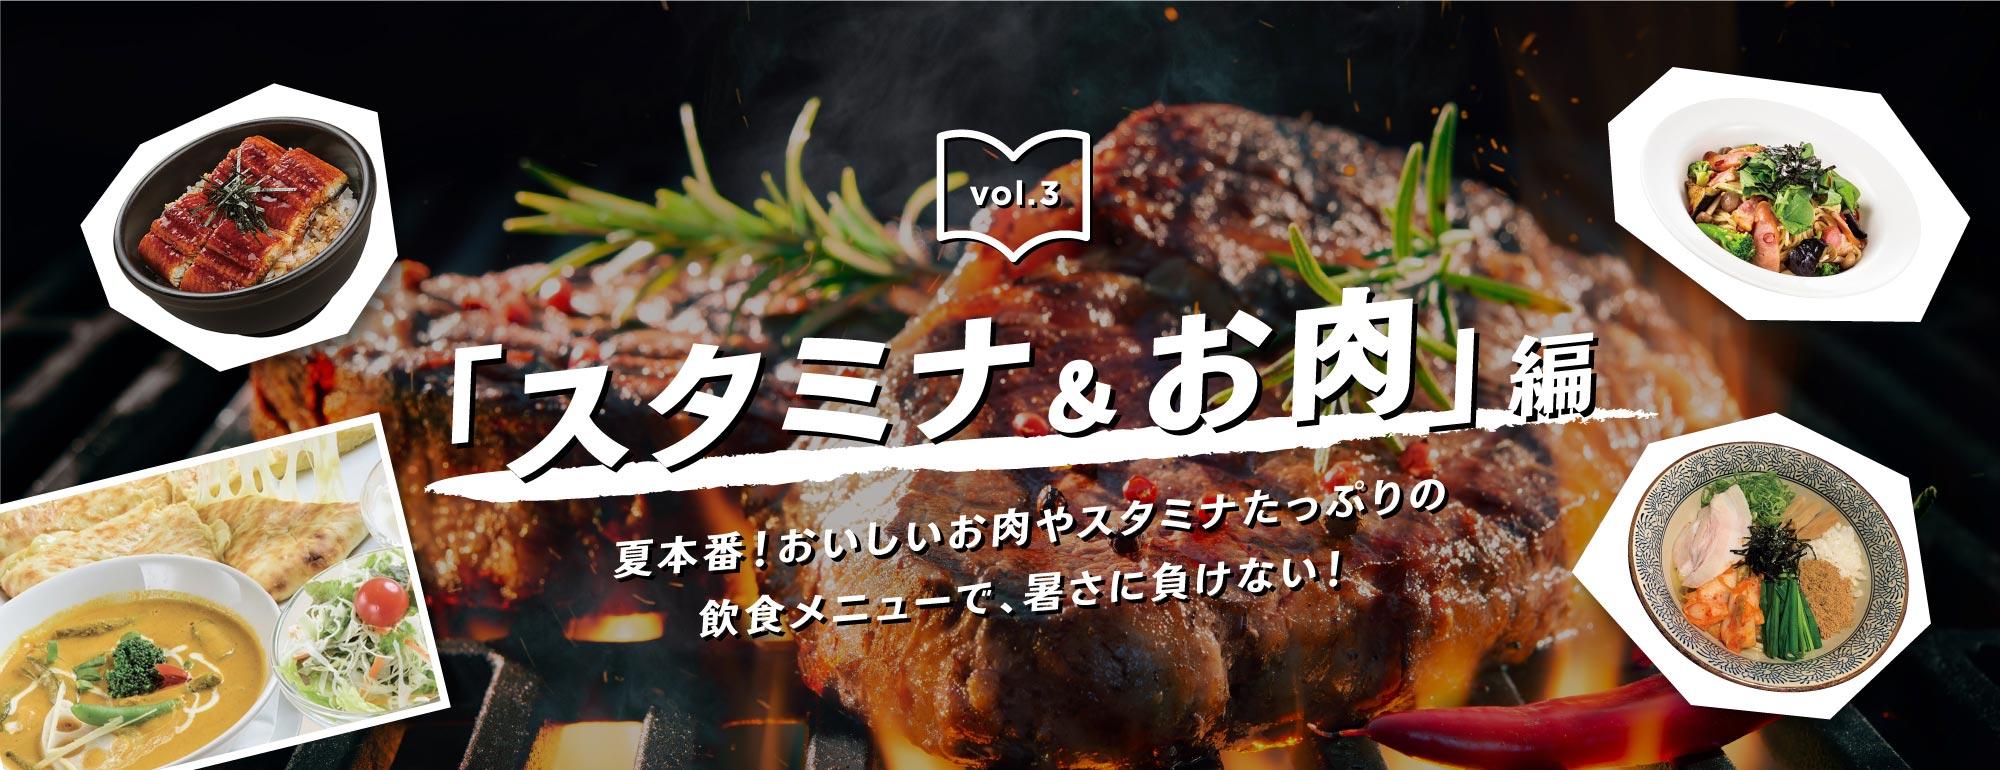 スタミナ&お肉